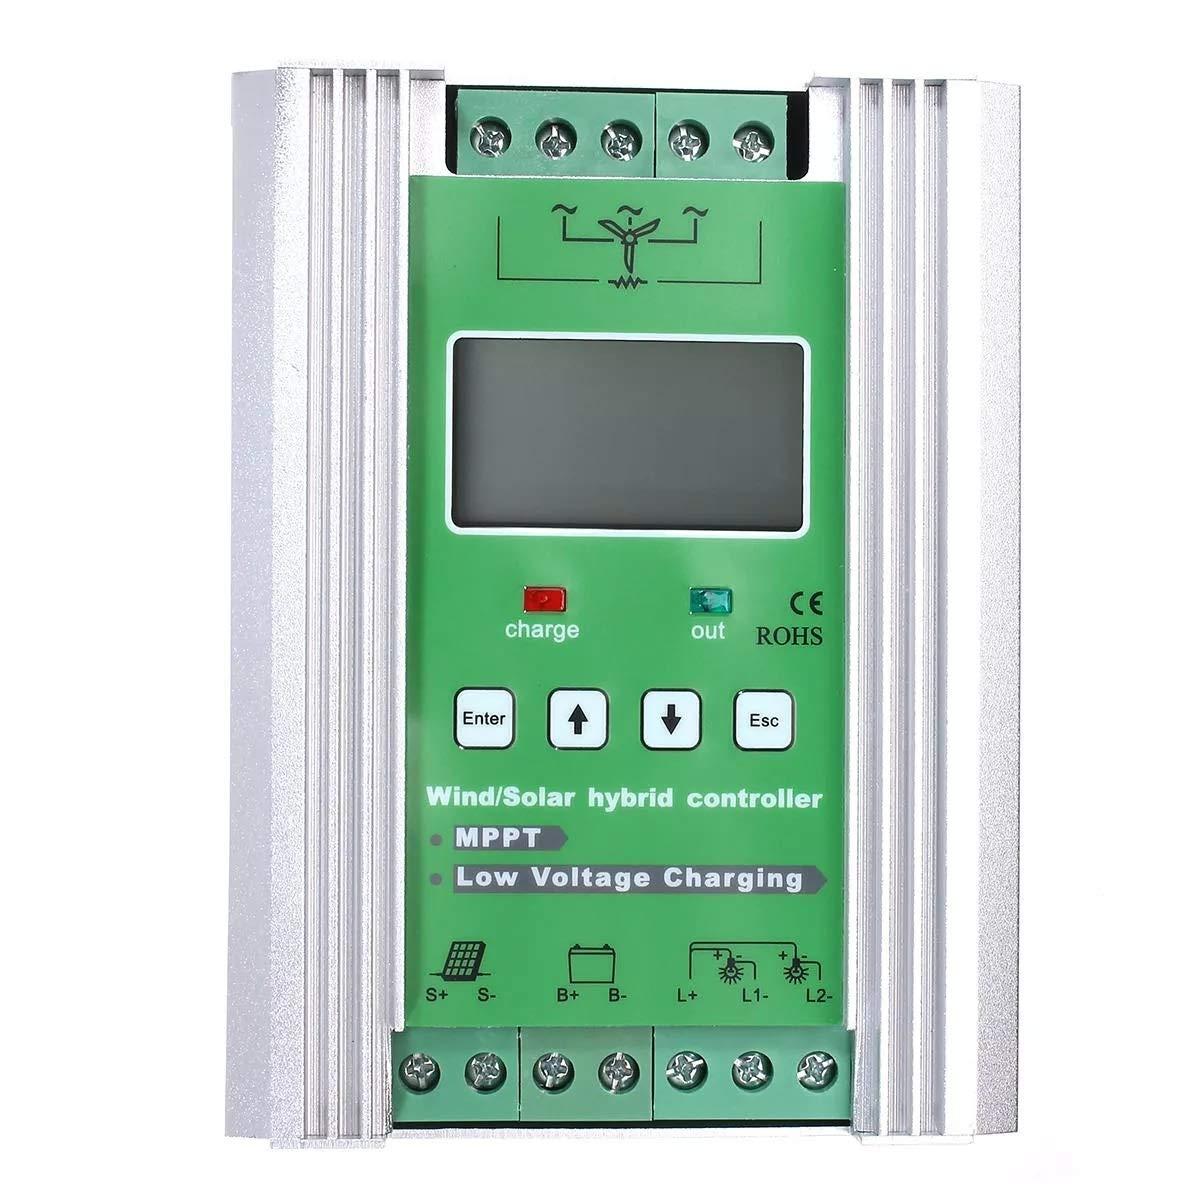 JeanPolly Herramientas del generador LCD 600W 12V / 24V Rejilla MPPT del Viento Solar híbrido Controlador de Carga Solar 500W Booster Carga de la Descarga: Amazon.es: Hogar